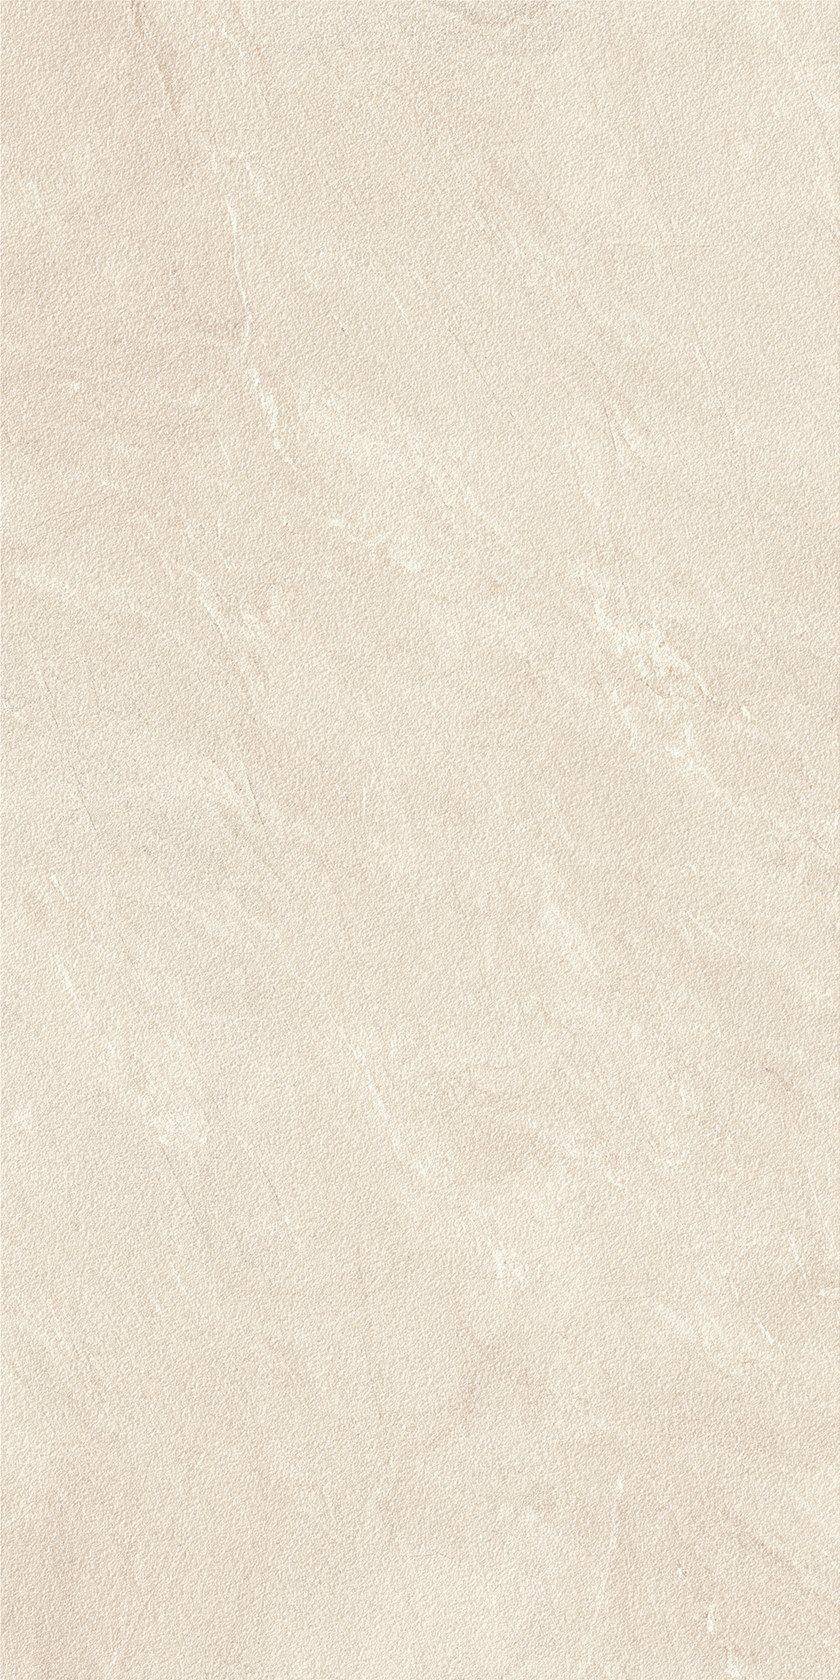 Pacific Blanco Plus Abujardado / Bush-hammered 150x300 cm